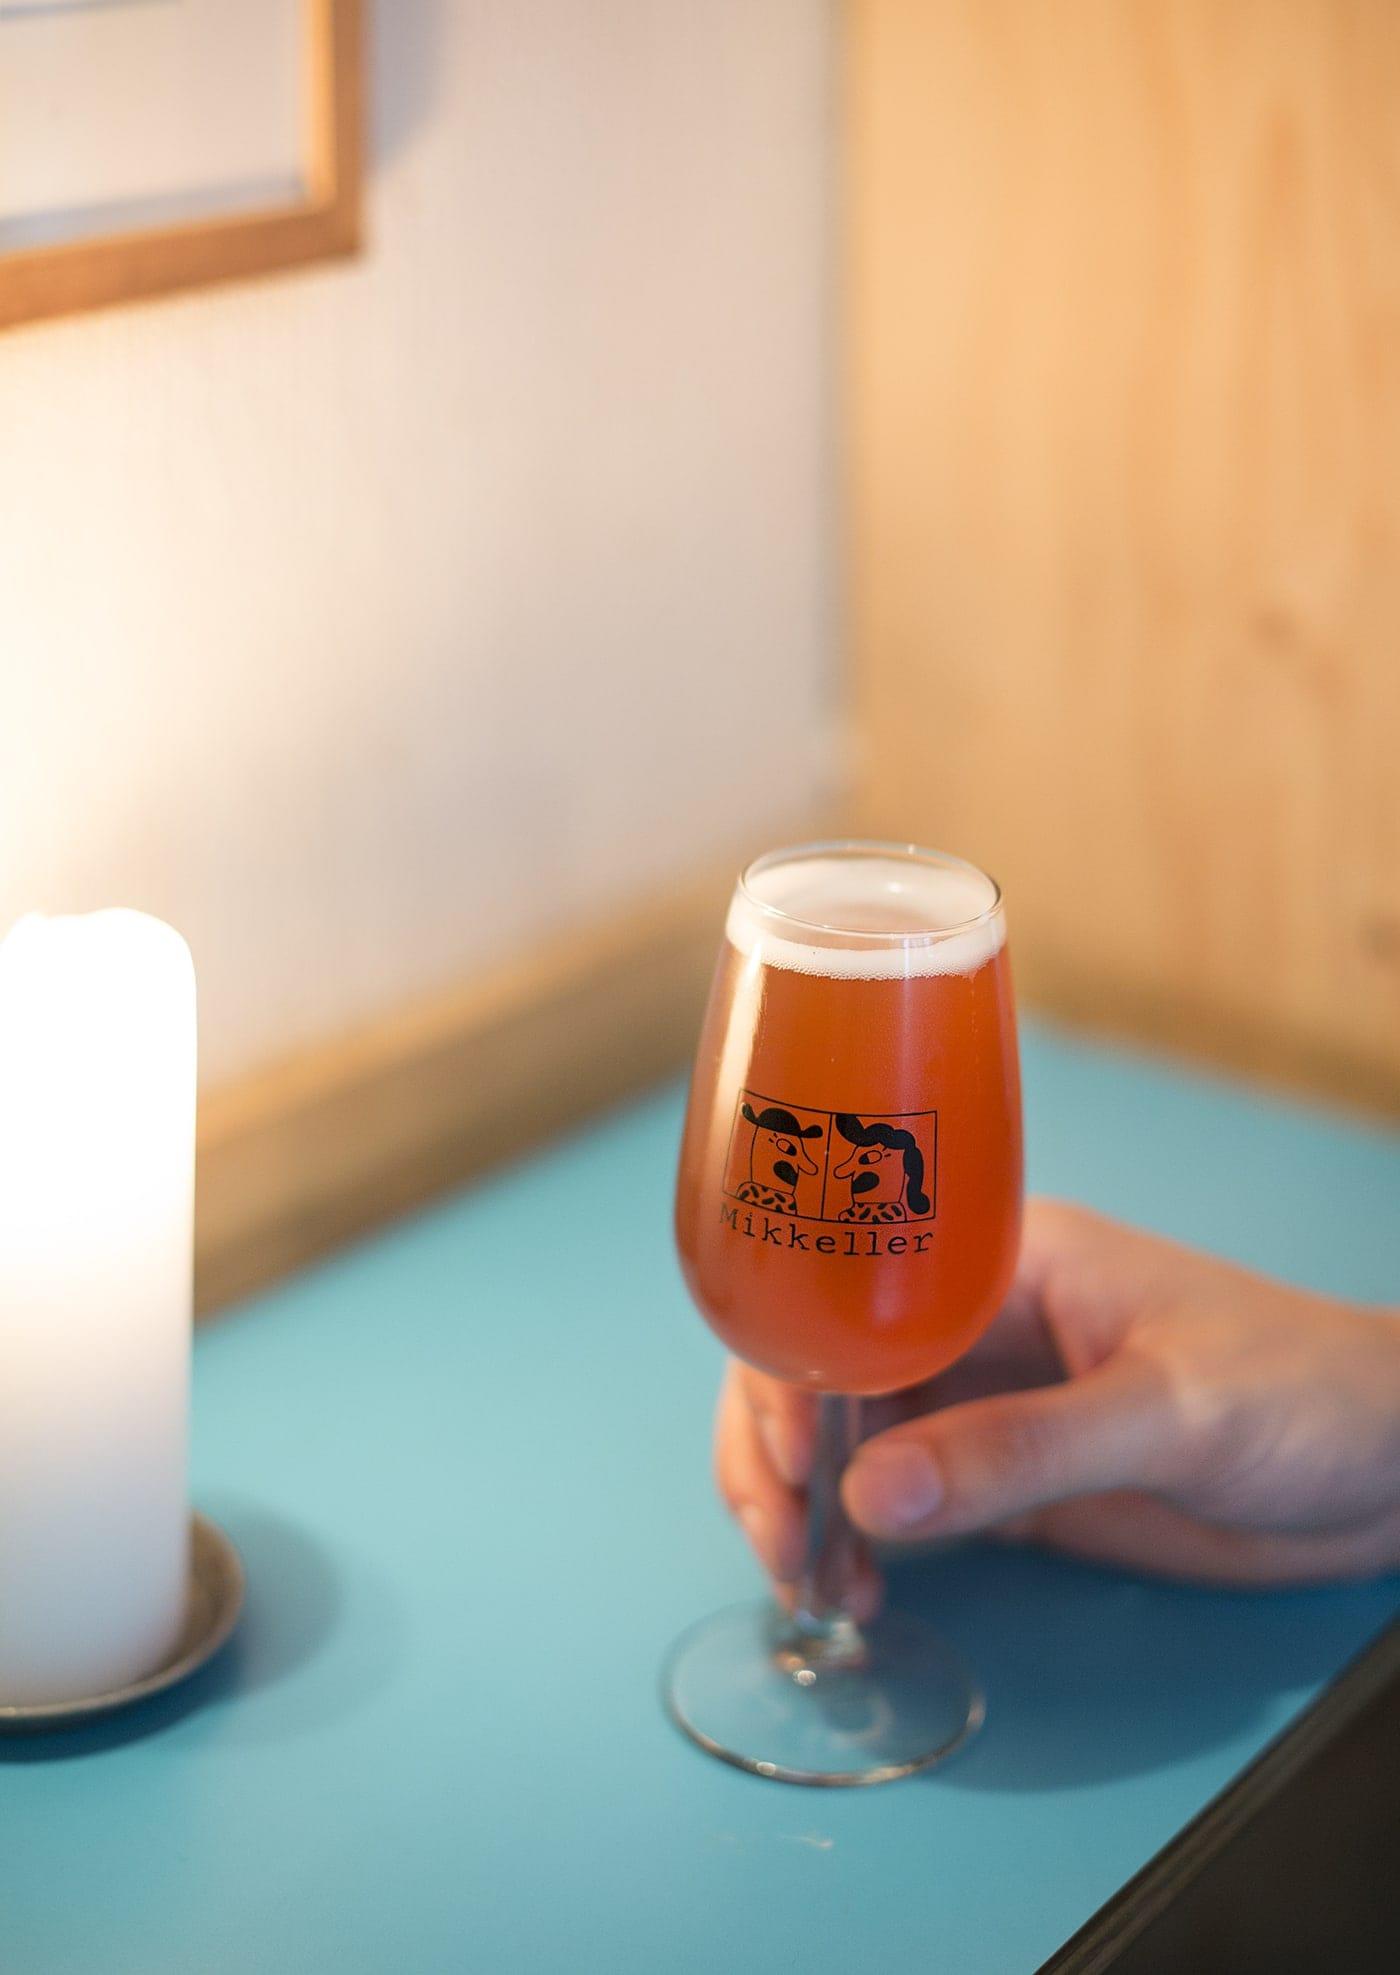 copenhagen-wanderlust-mikkeller-craft-beer